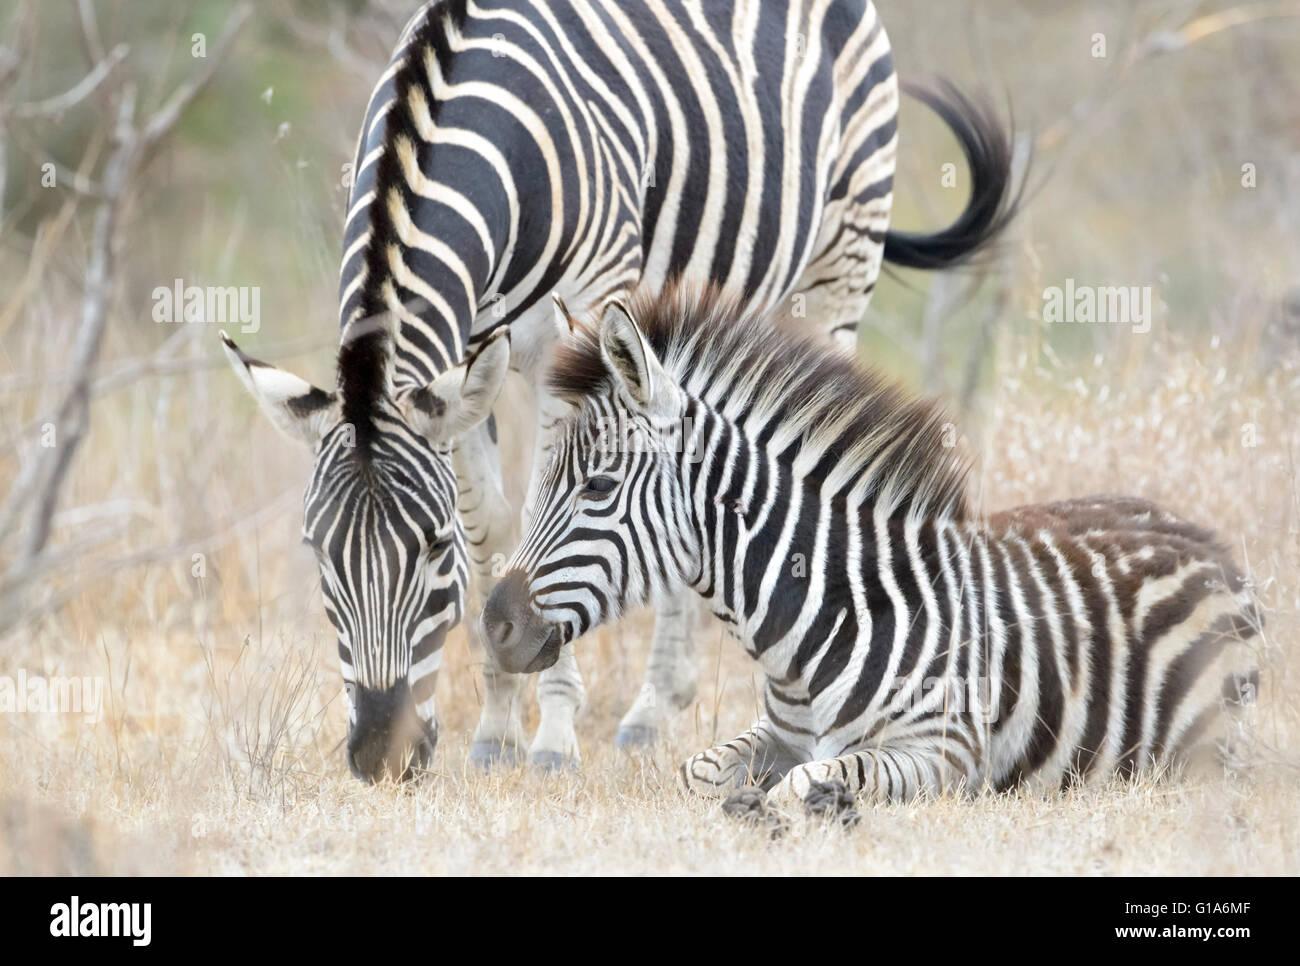 Llanuras cebra (Equus quagga) menores acostado con la madre, el parque nacional Kruger, Sudáfrica Imagen De Stock